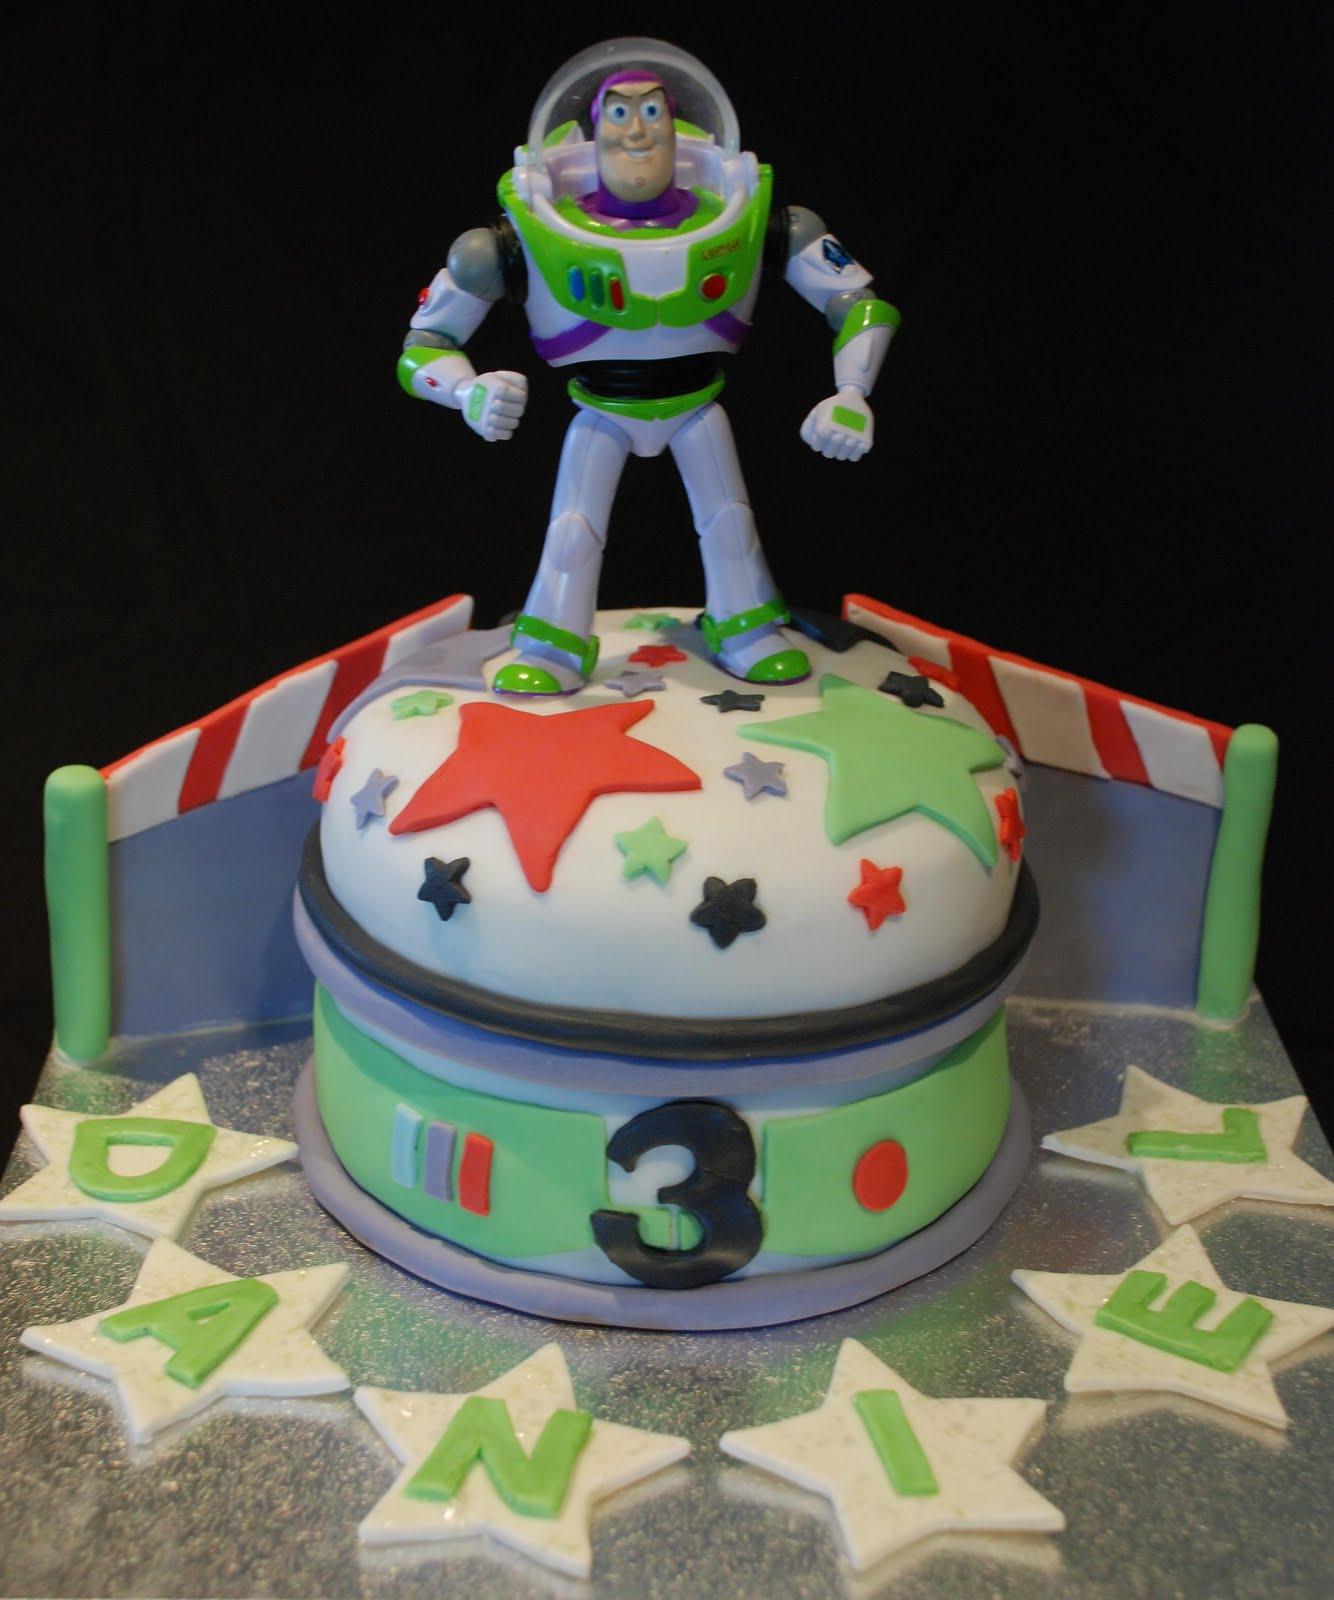 buzz lightyear birthday cakes